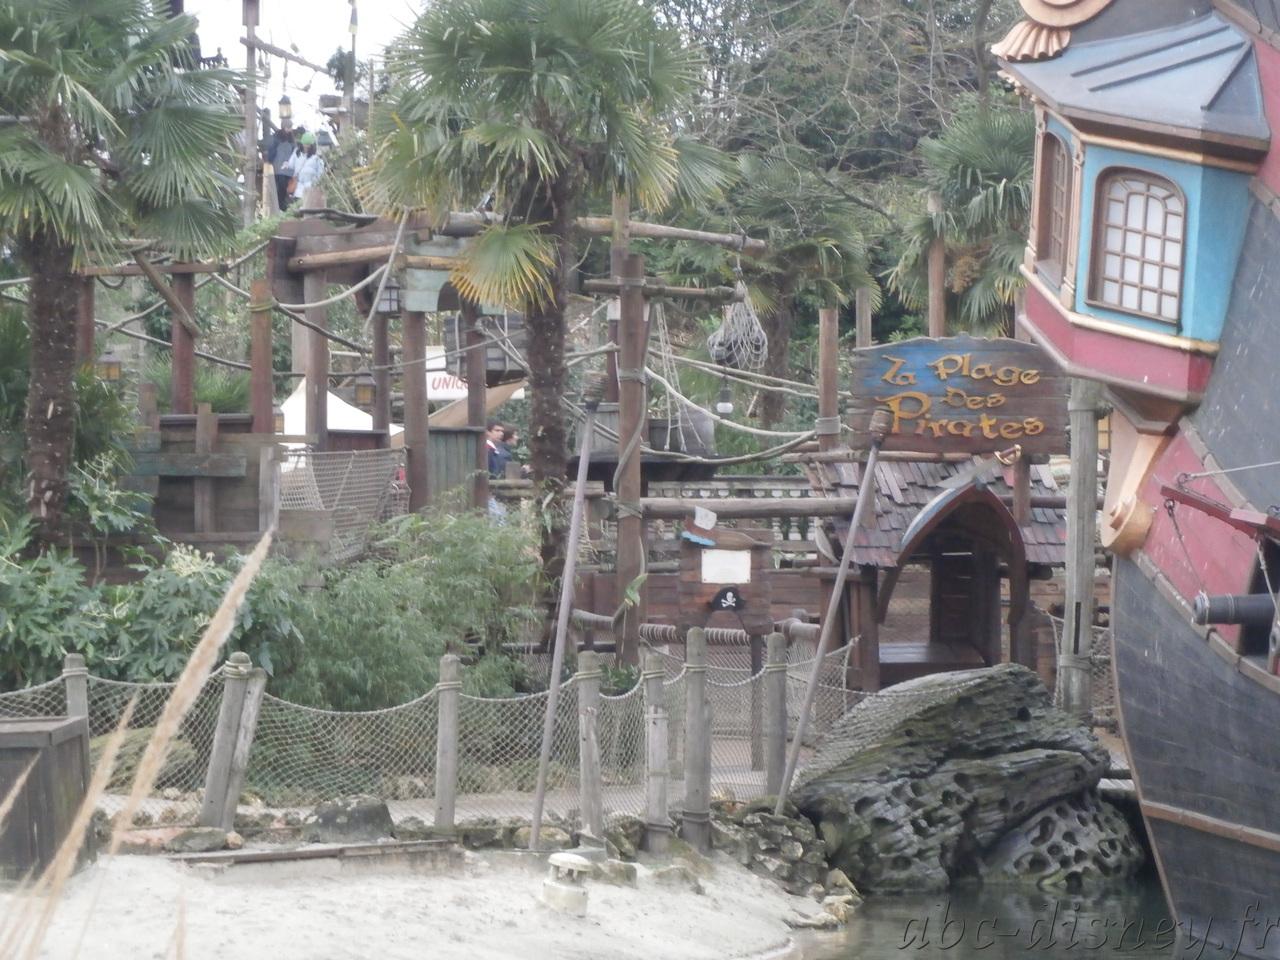 A plage des pirates1